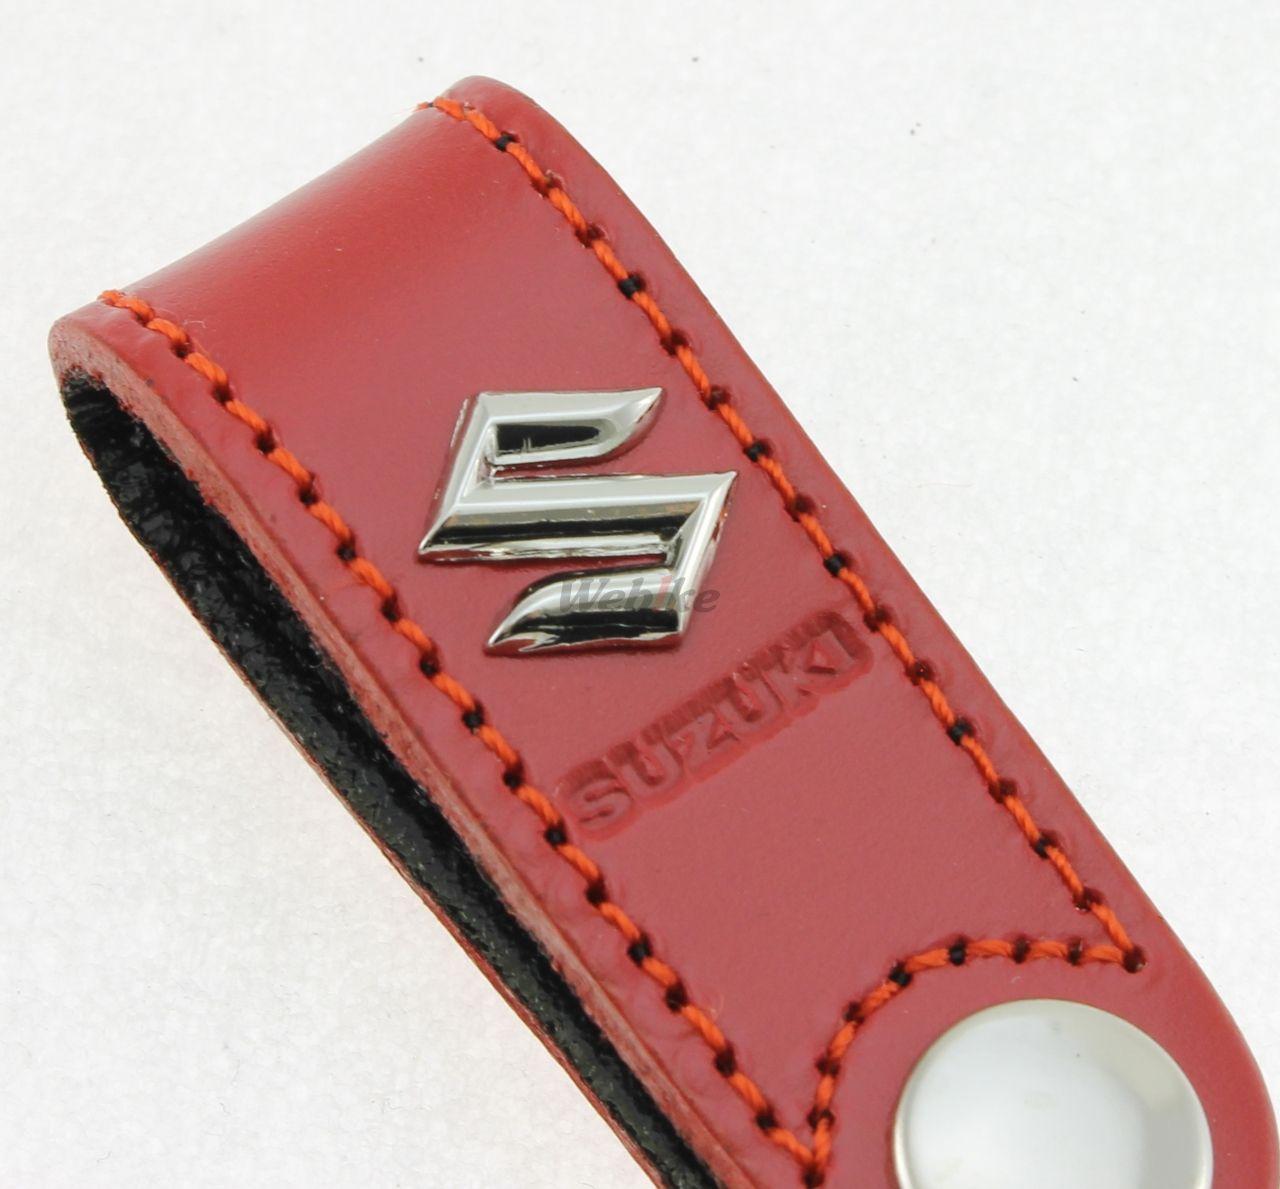 【SUZUKI】皮革吊環式鑰匙圈-紅色 <SEA BASS> - 「Webike-摩托百貨」